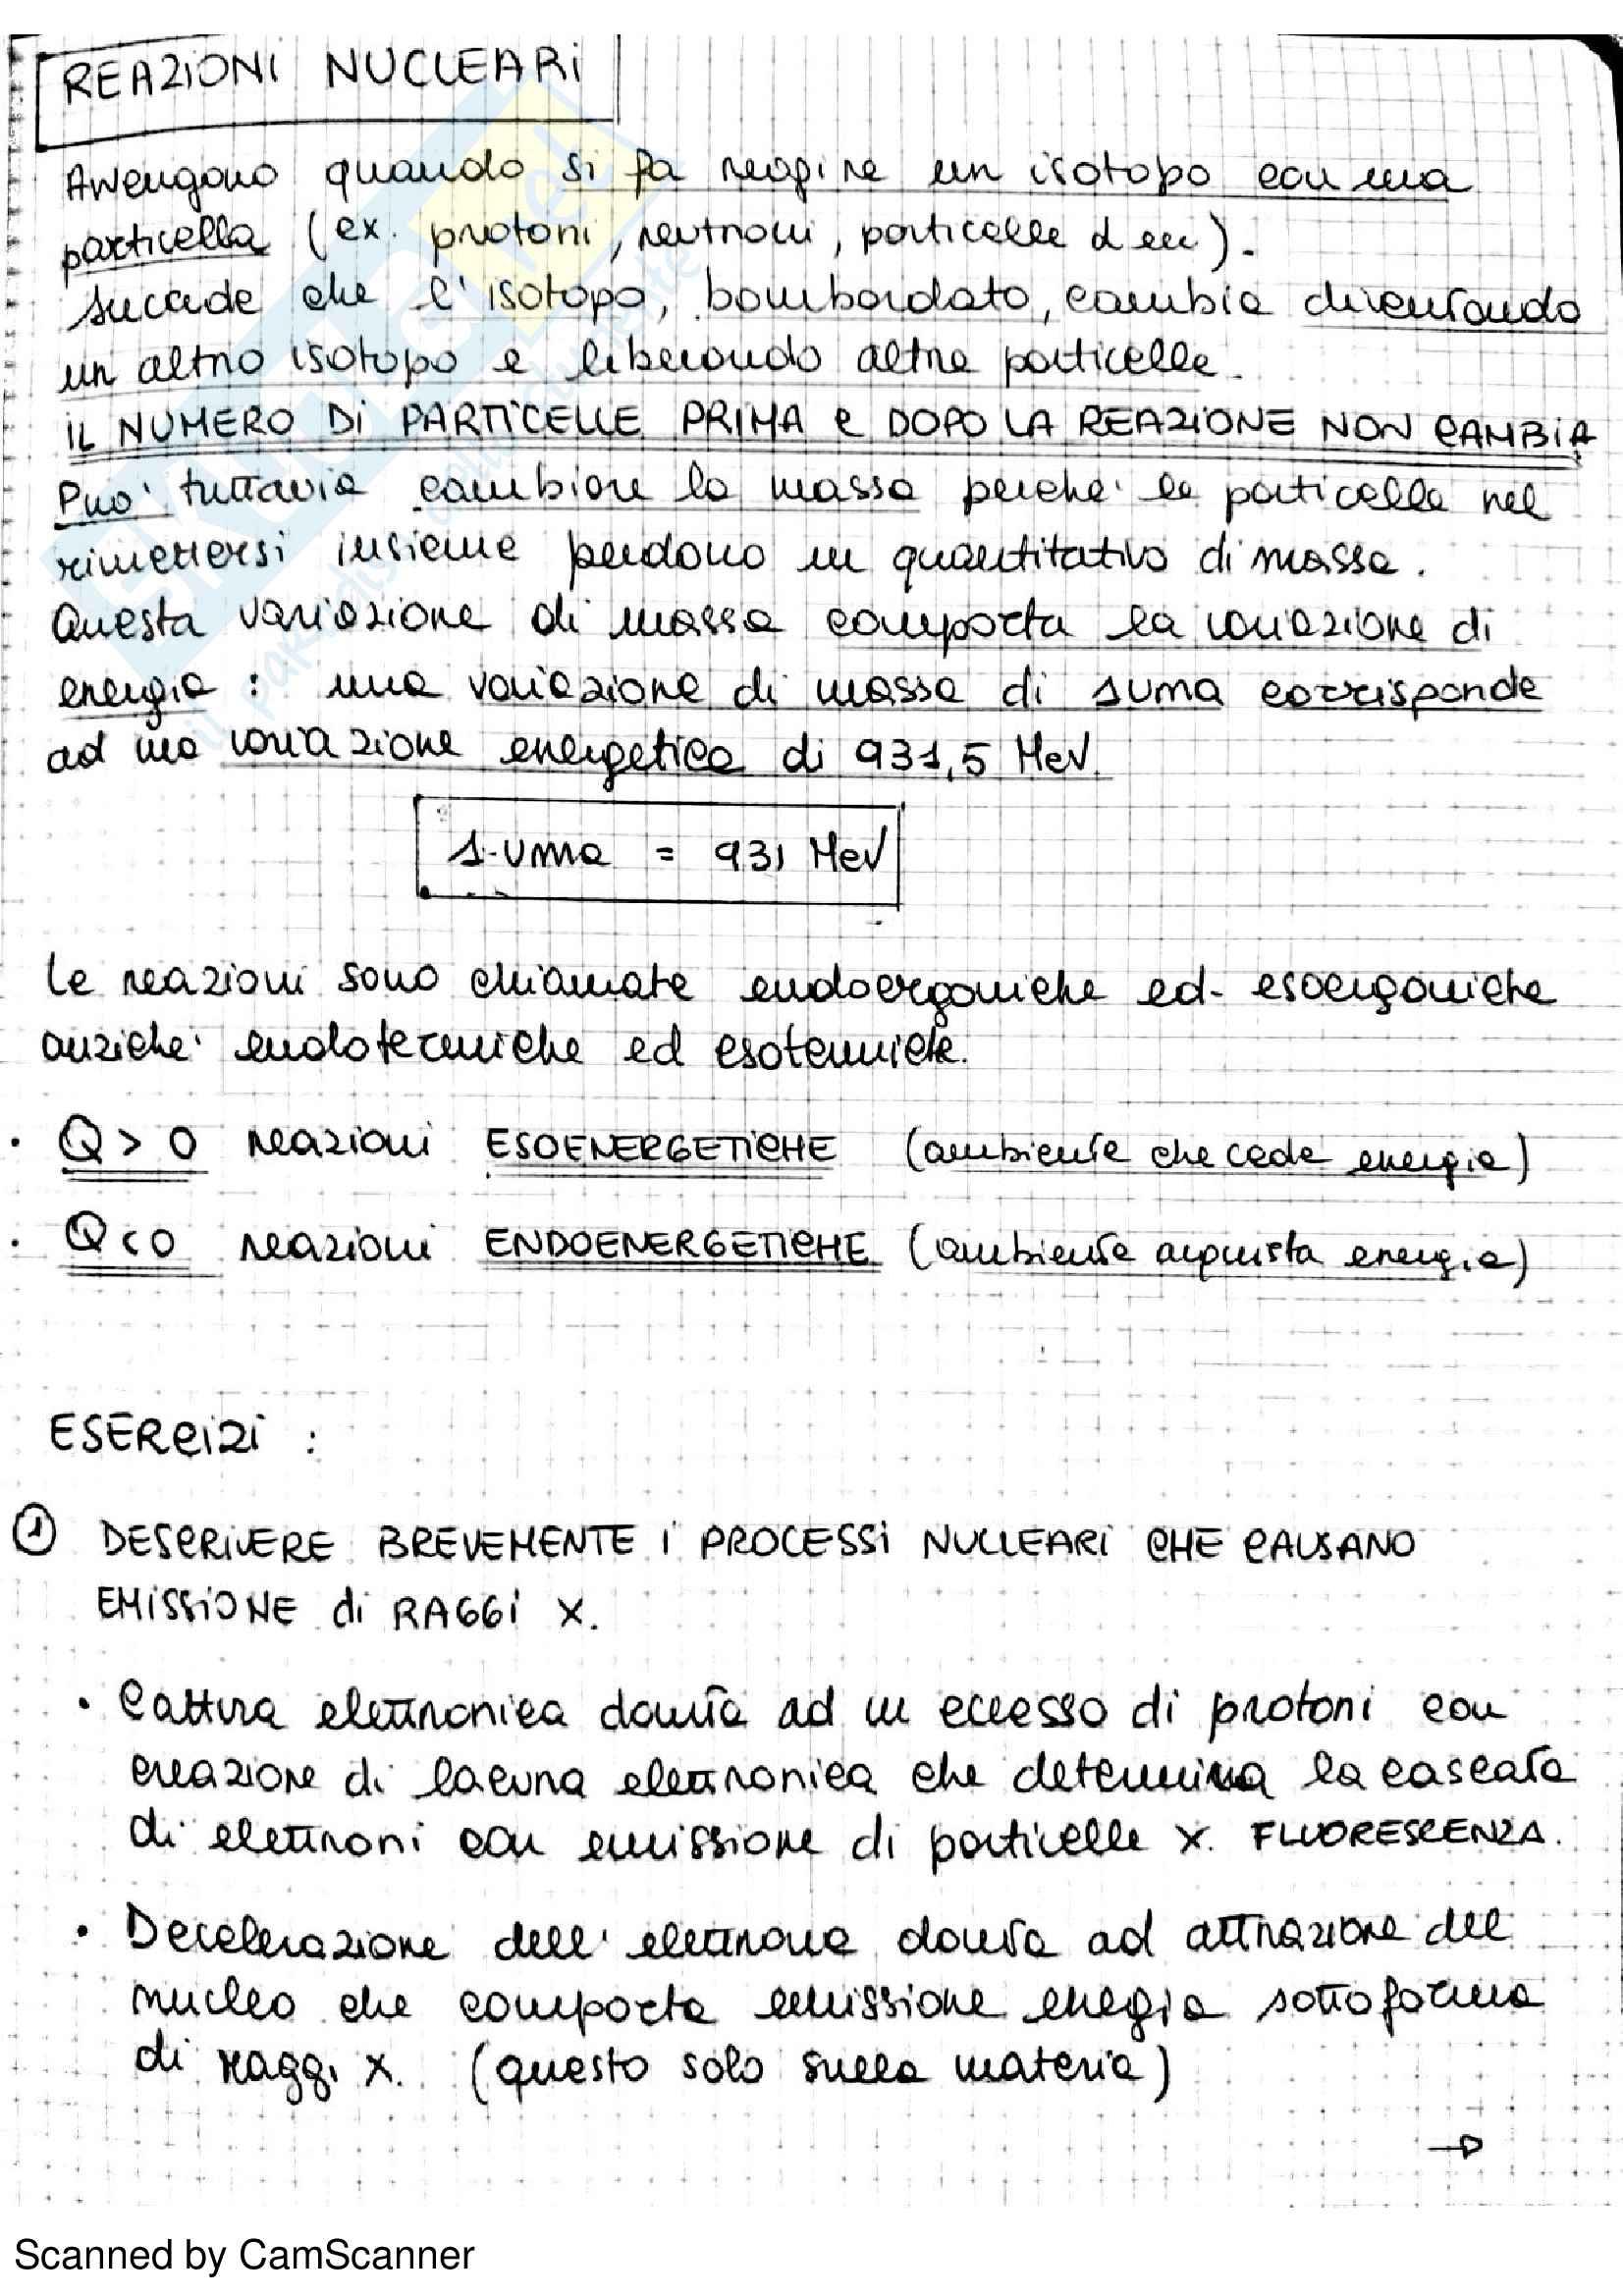 Appunti completi di chimica analitica comprensivi di esercizi d'esame Pag. 76